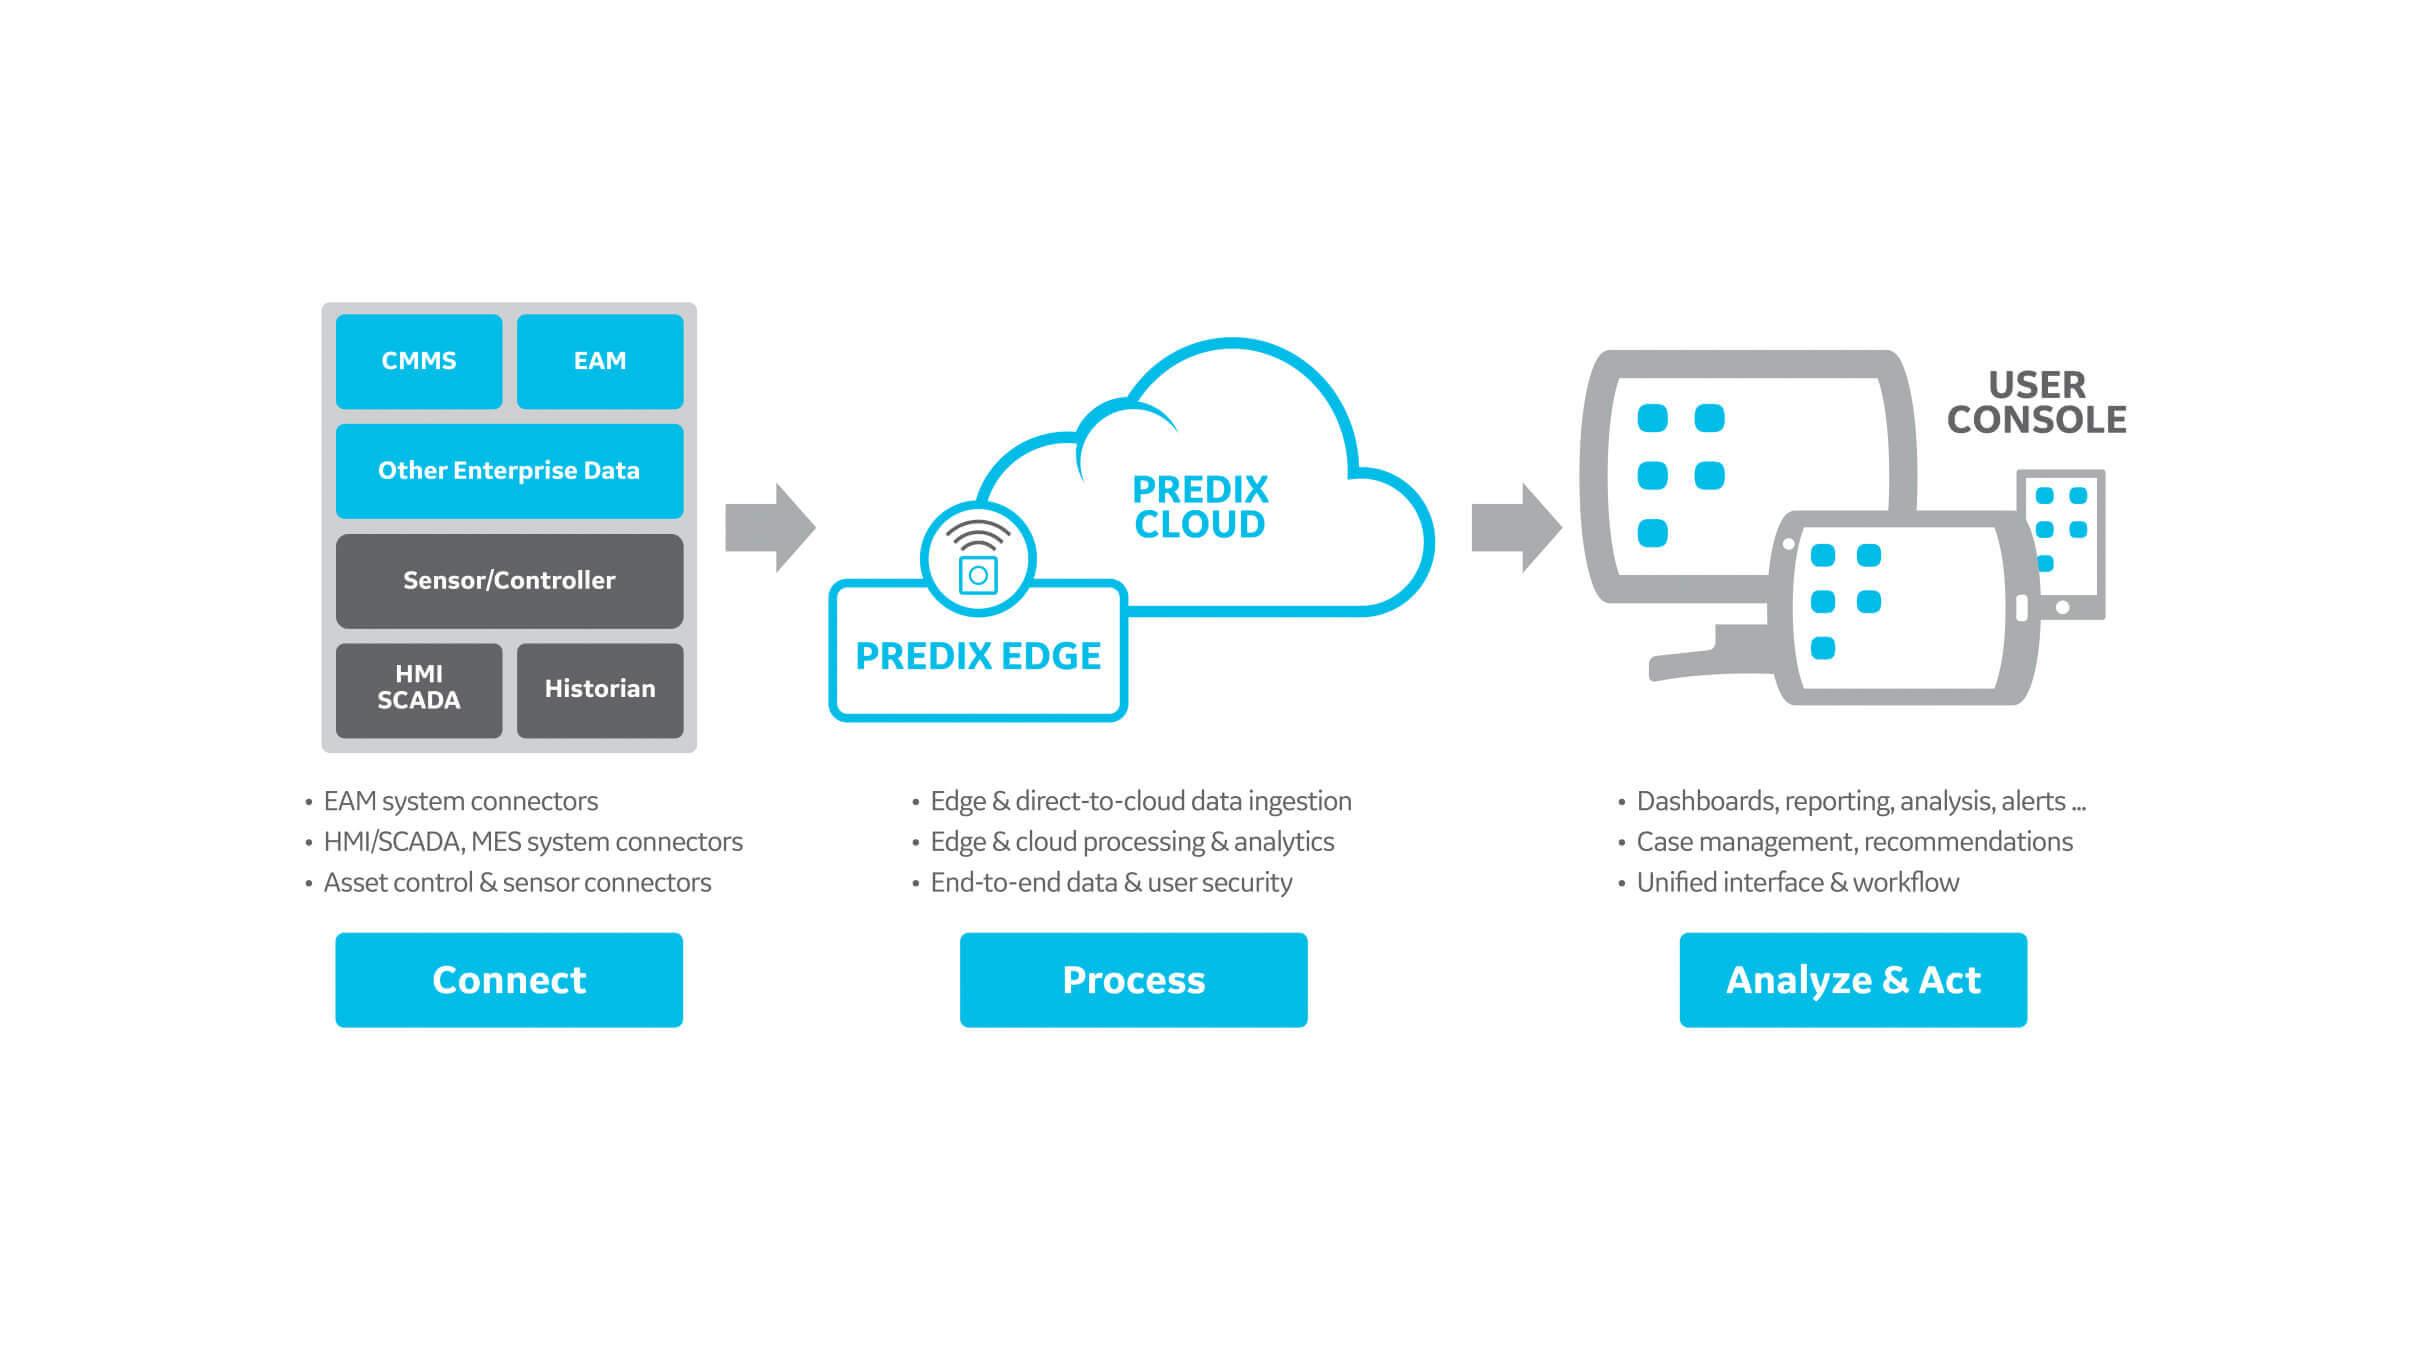 GE Digital provides Predix Essentials GraphGE Digital provides Predix Essentials Graph